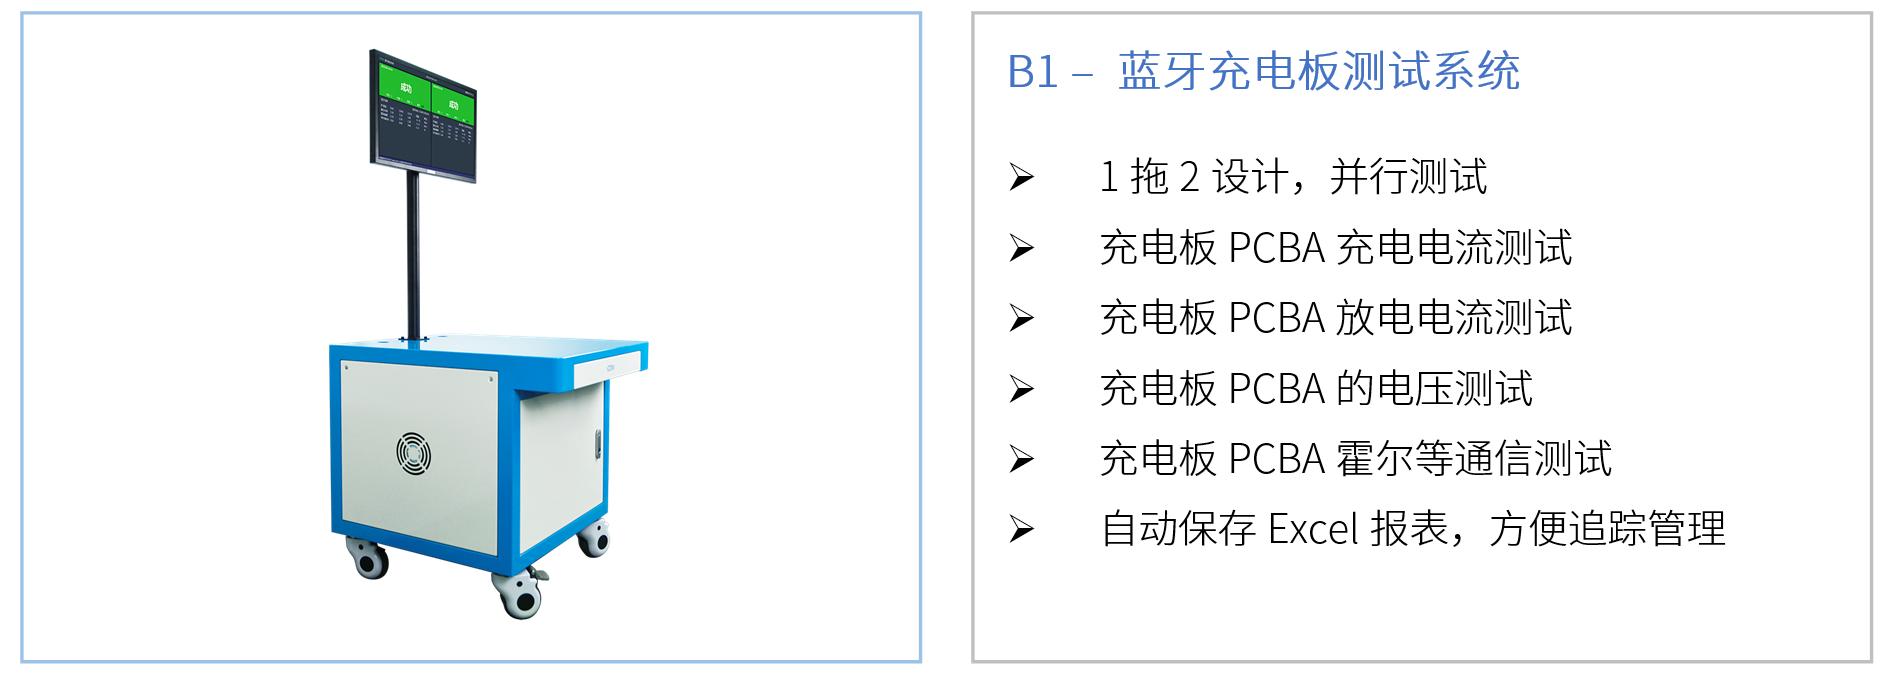 小牛测控提供芯片烧录设备、PCBA测试设备、成品测试设备-我爱音频网